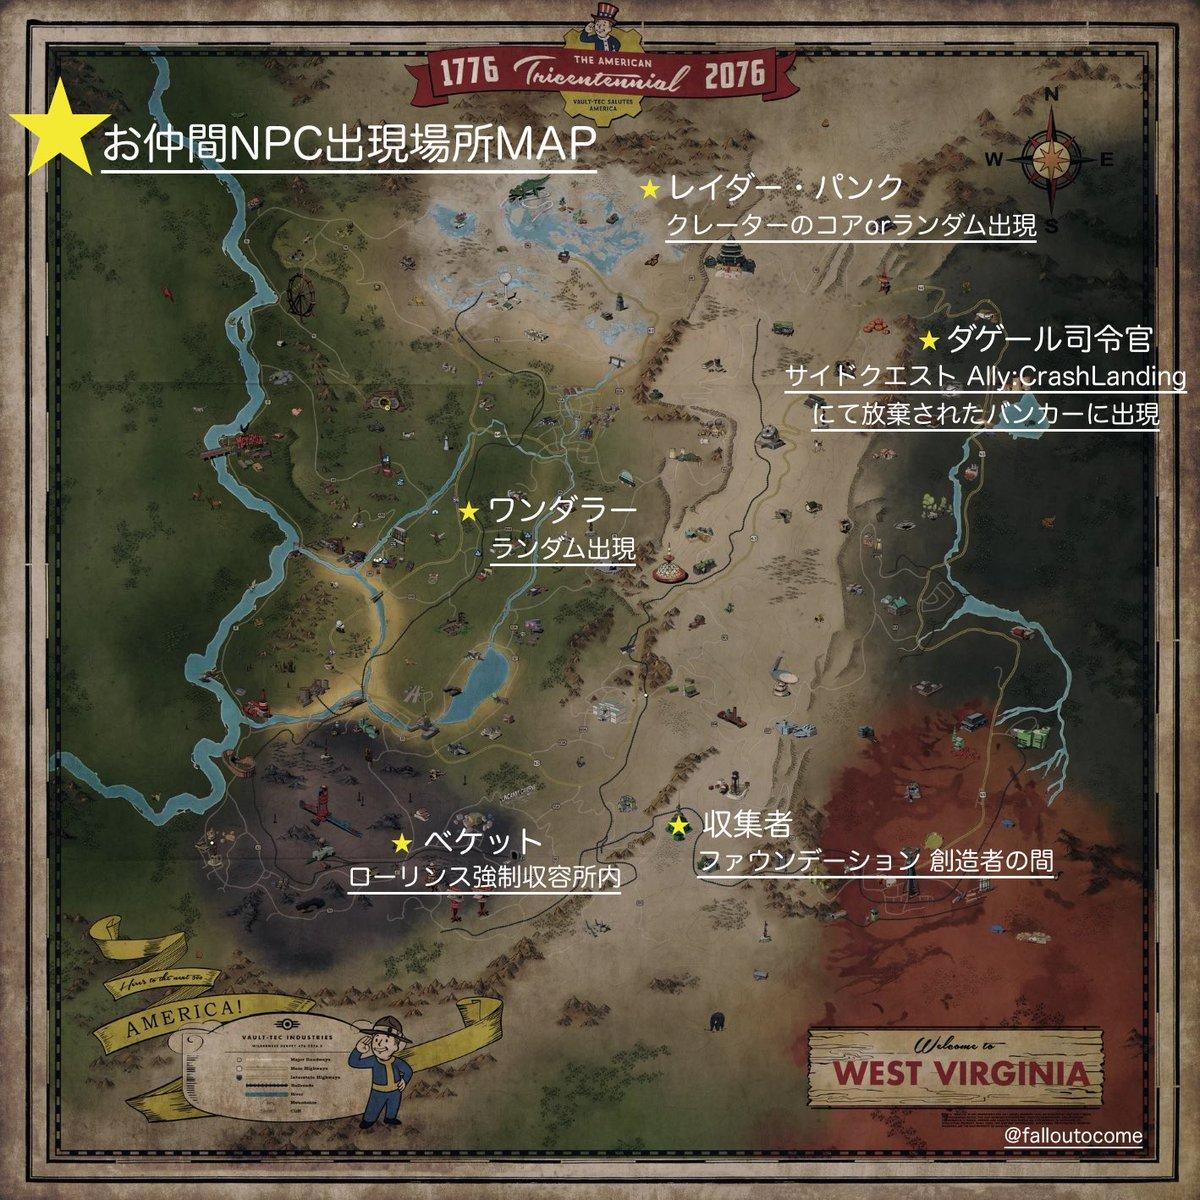 ウエスト ランダーズ fallout76 『Fallout 76』大規模アプデ・Wastelandersを遊んだ感想は?